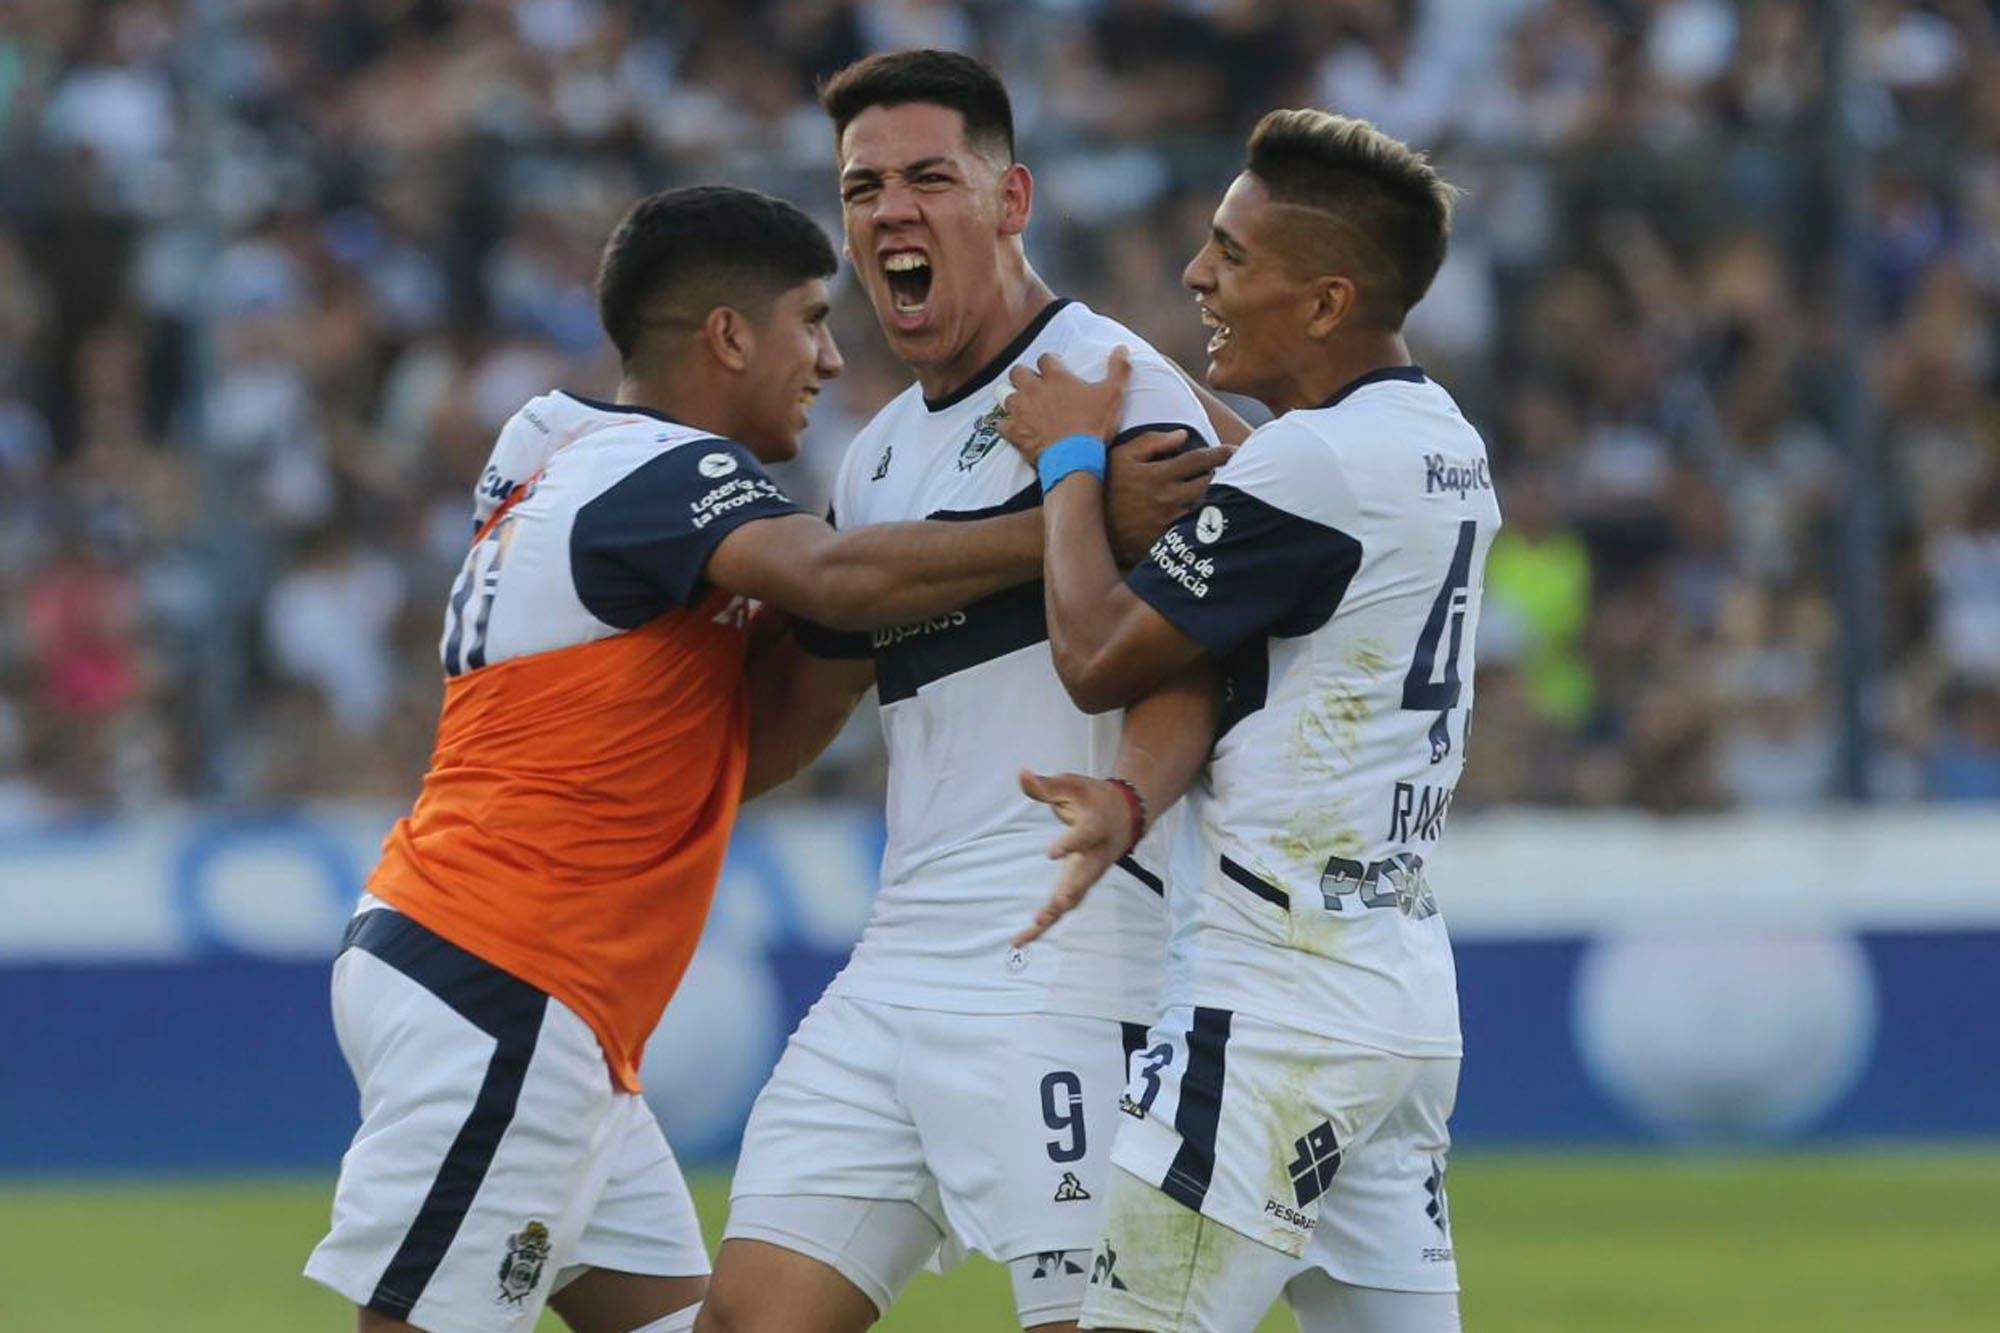 Gimnasia-Central Córdoba, por la Superliga: terminó el maleficio y el Lobo festejó como local